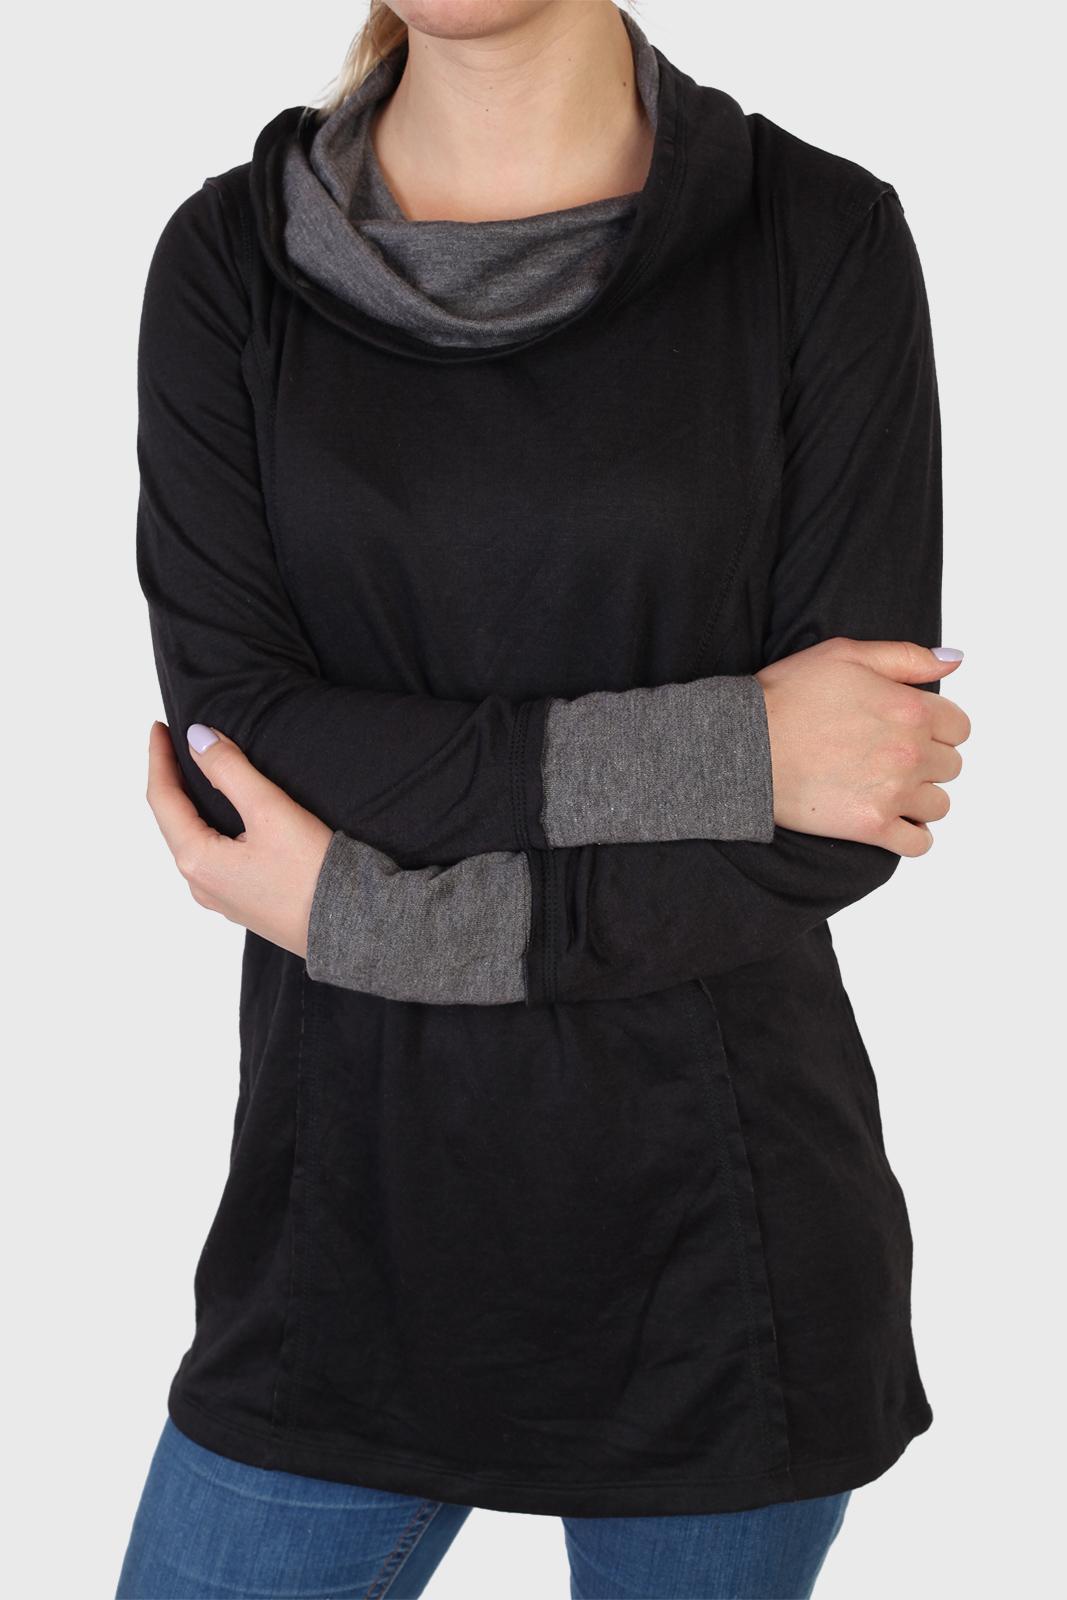 Купить в интернет магазине женскую удлиненную кофту